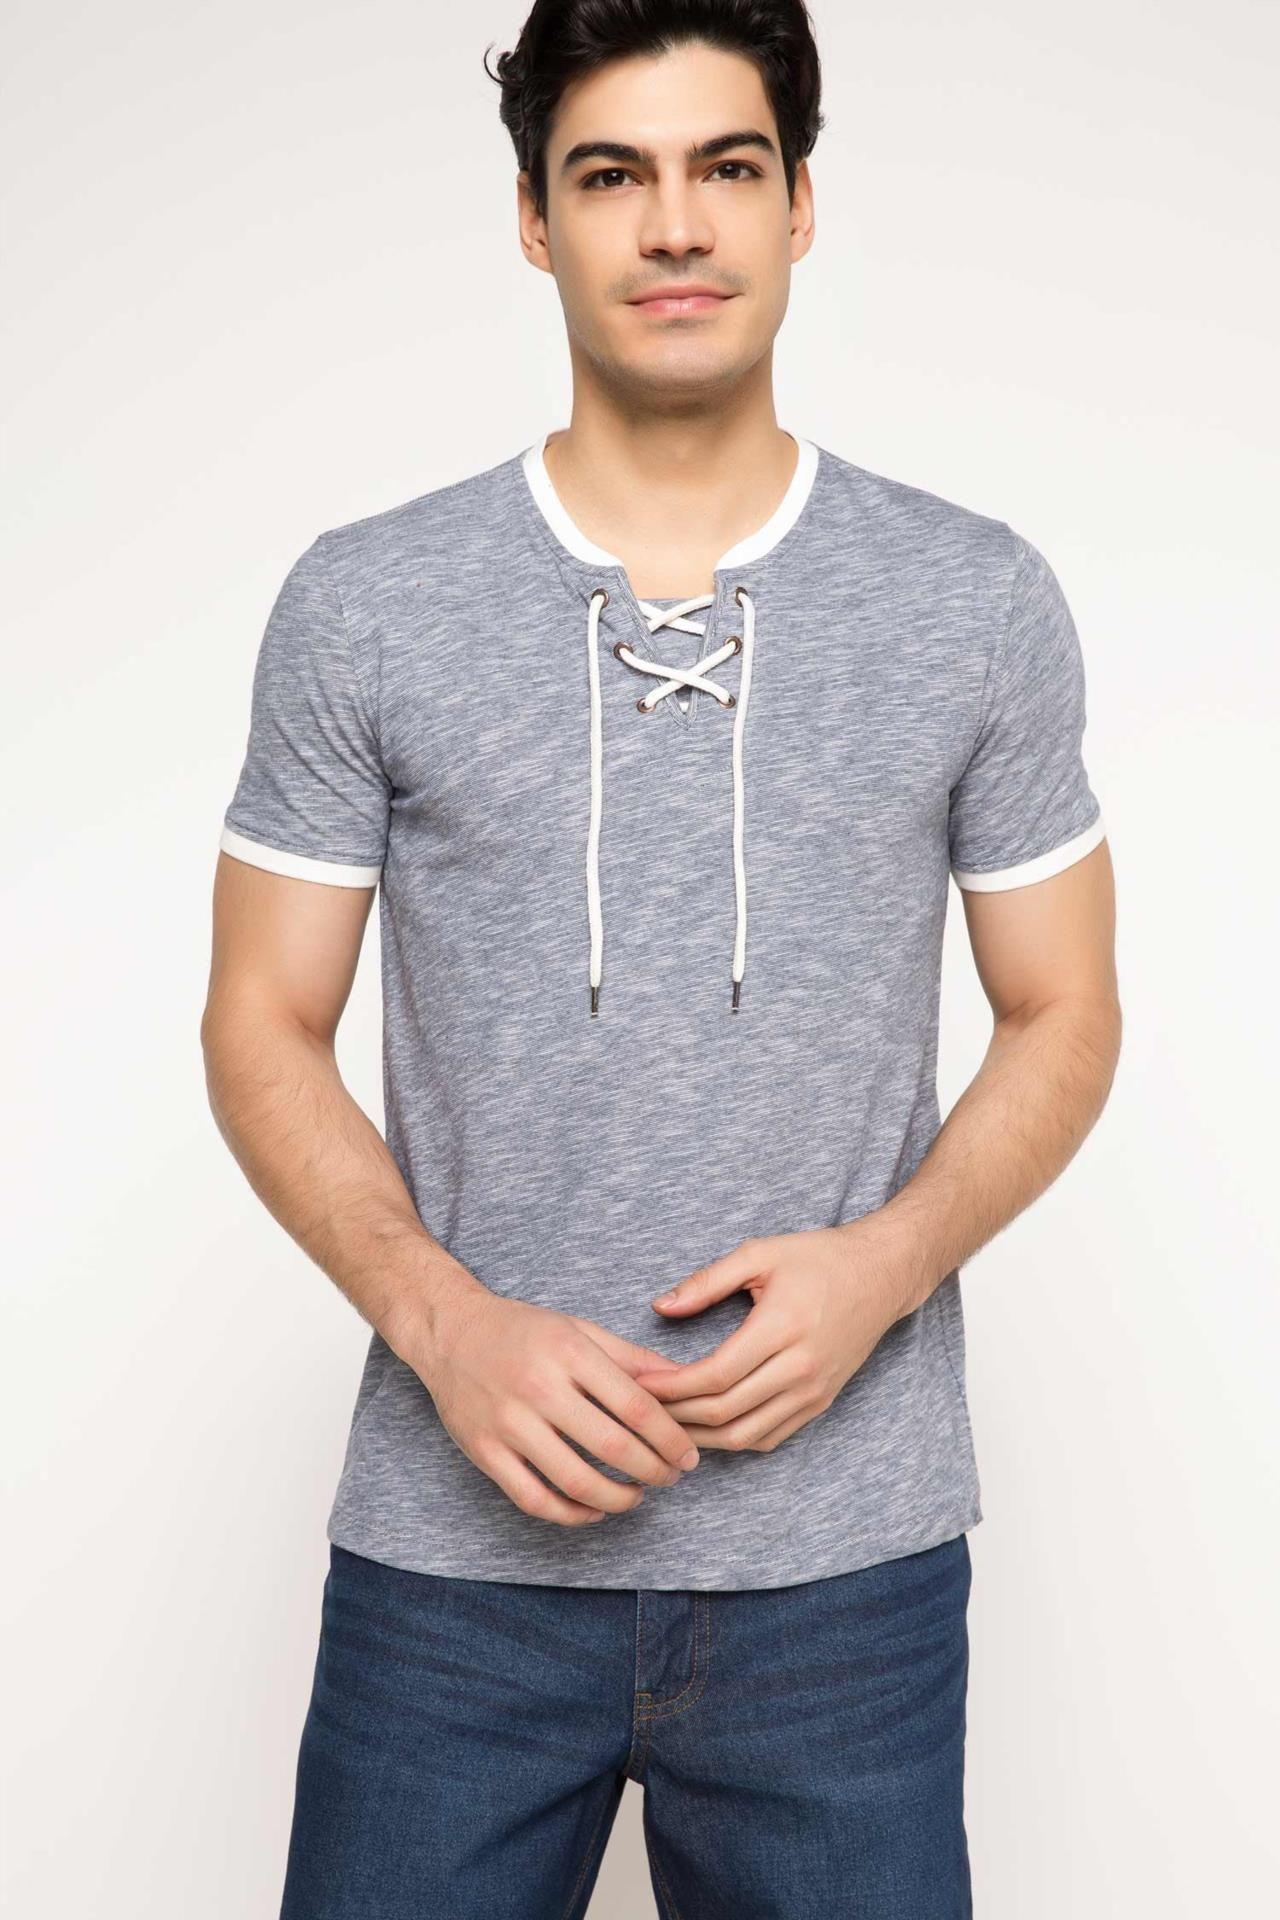 DeFacto Marka Yakası Bağcıklı T-shirt || Trend tasarım ve renkleri, kaliteli kumaşı ile her mevsim gardrobunuzda bulunması gereken DeFacto erkek t-shirt                        http://www.1001stil.com/urun/3333191/yakasi-bagcikli-t-shirt.html?utm_campaign=DeFacto&utm_source=pinterest